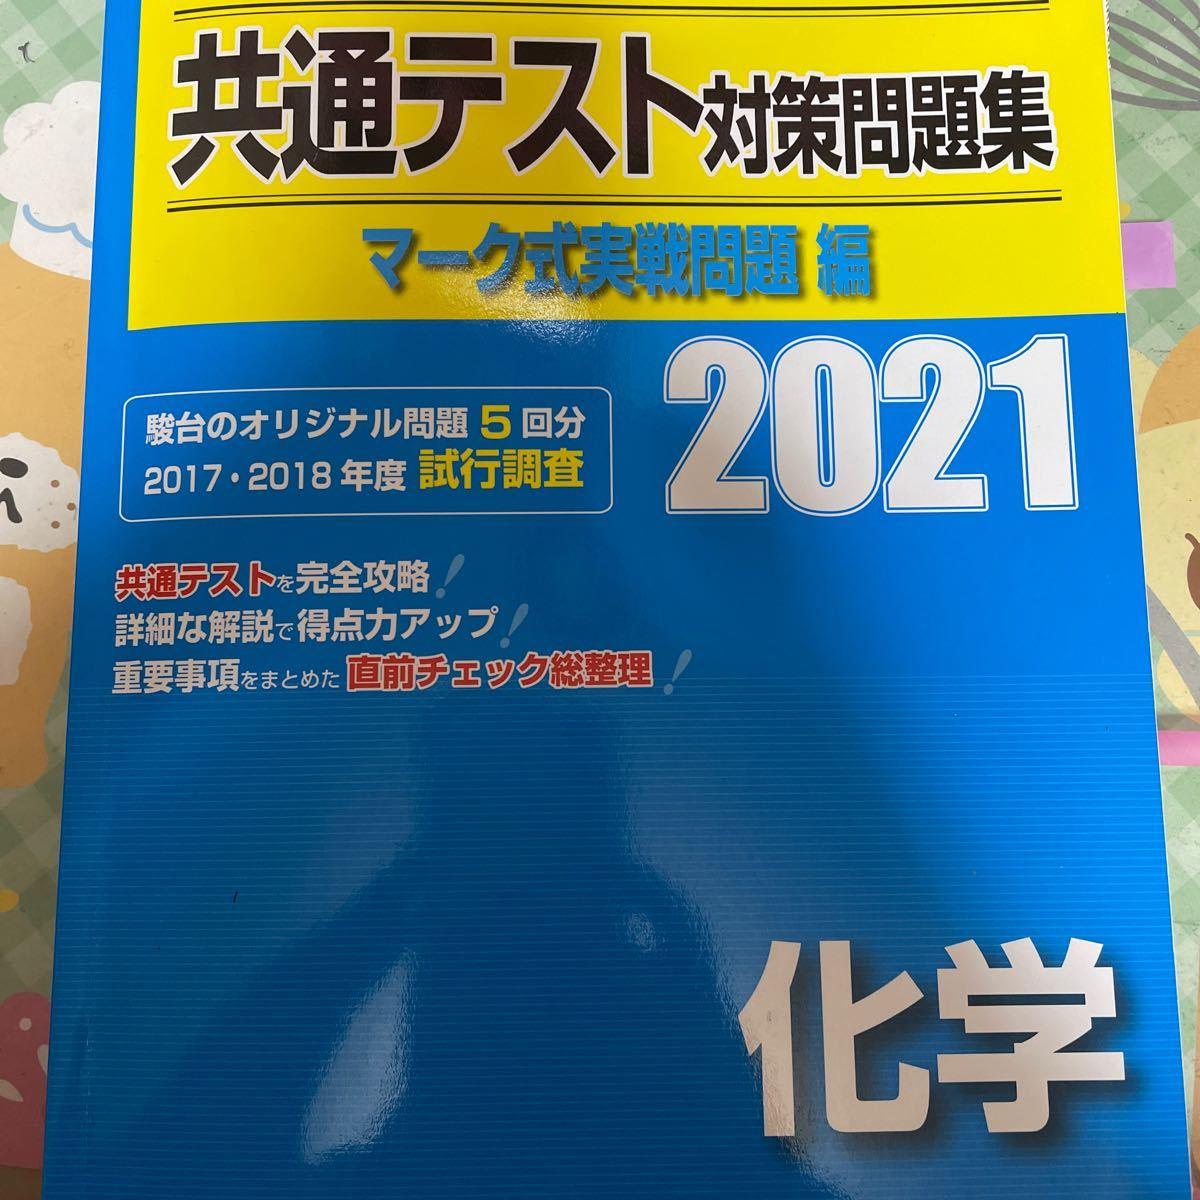 共通テスト対策問題集 マーク式実戦問題編 化学 (2021) 駿台大学入試完全対策シリーズ/定価1180円